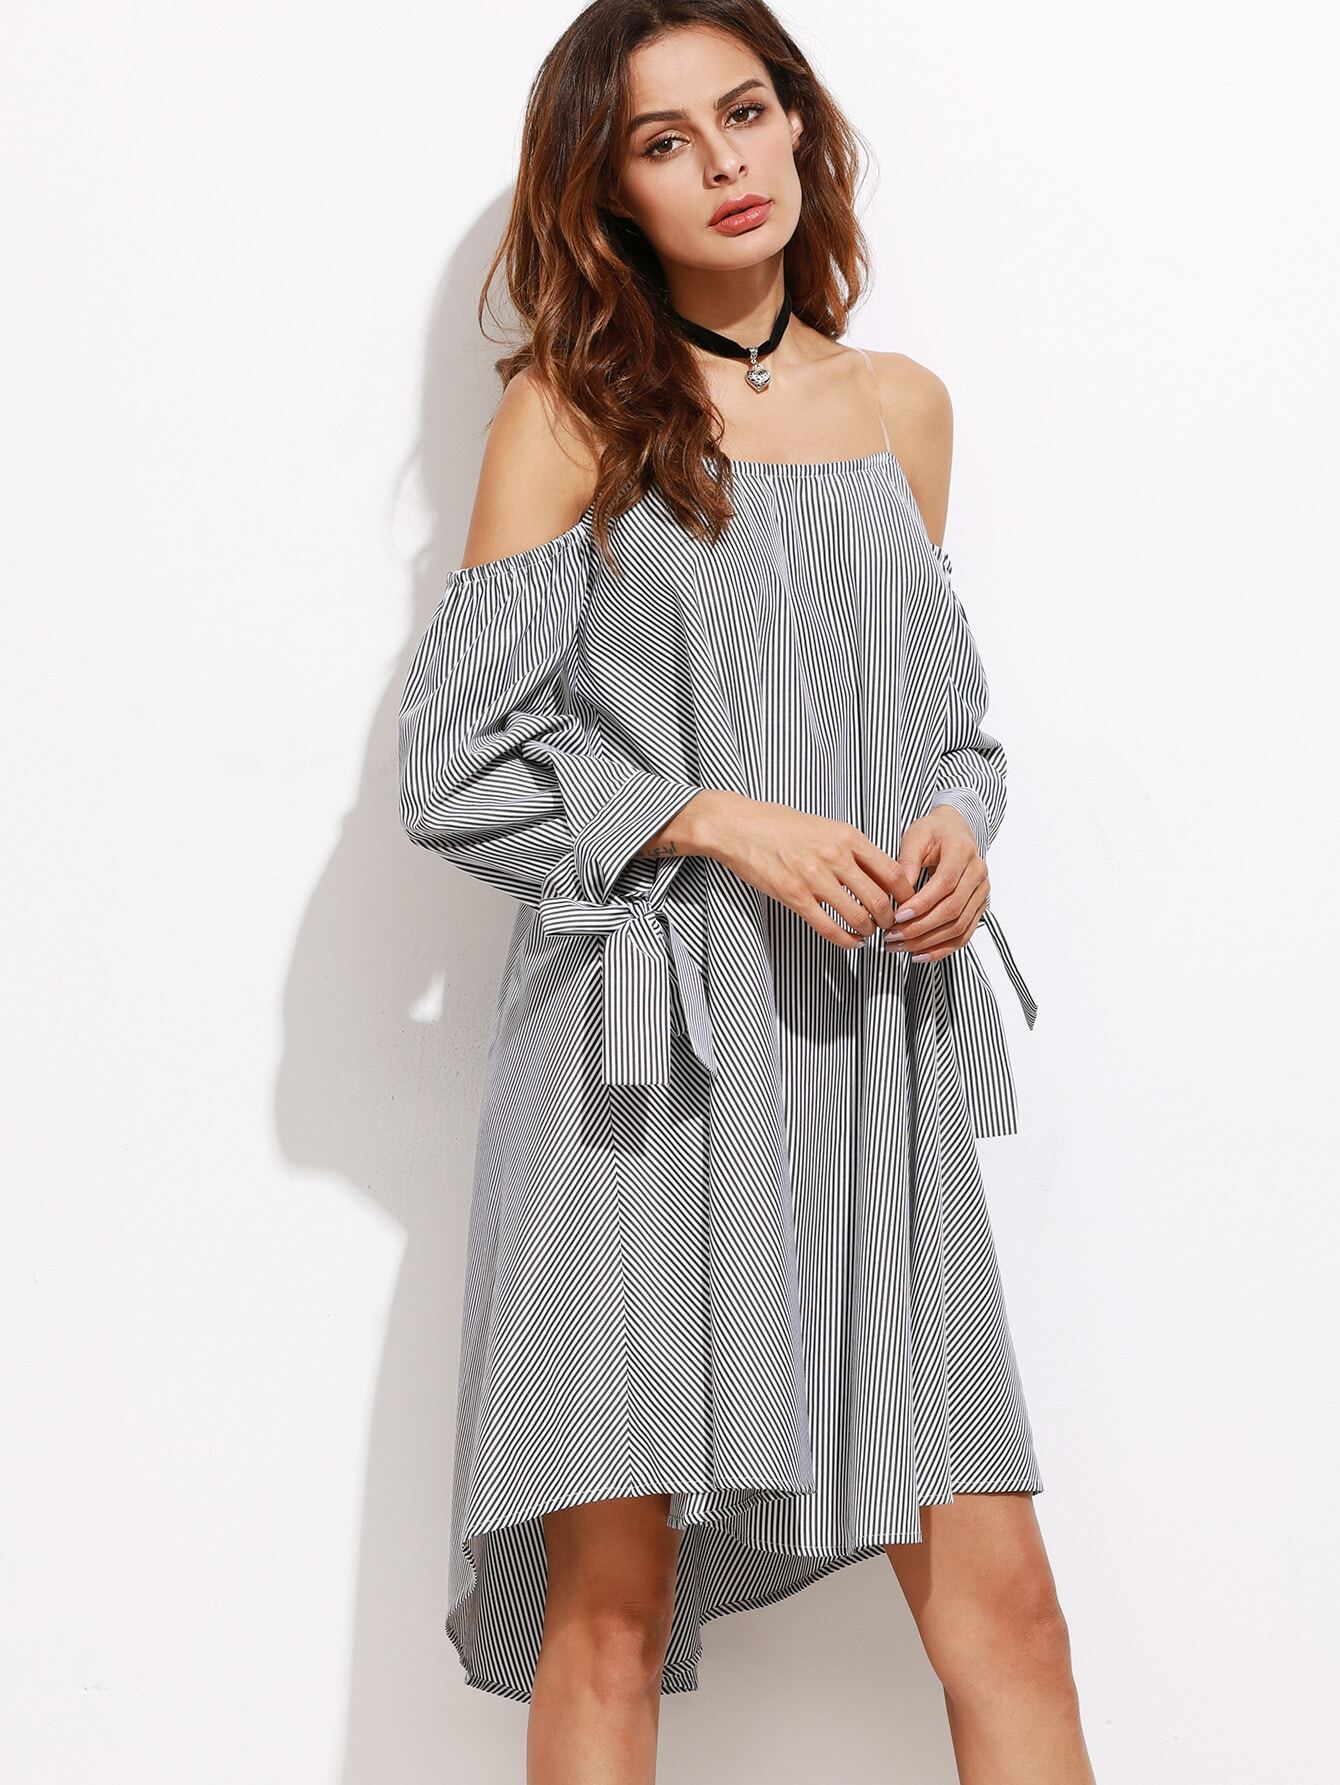 dress160923706_2